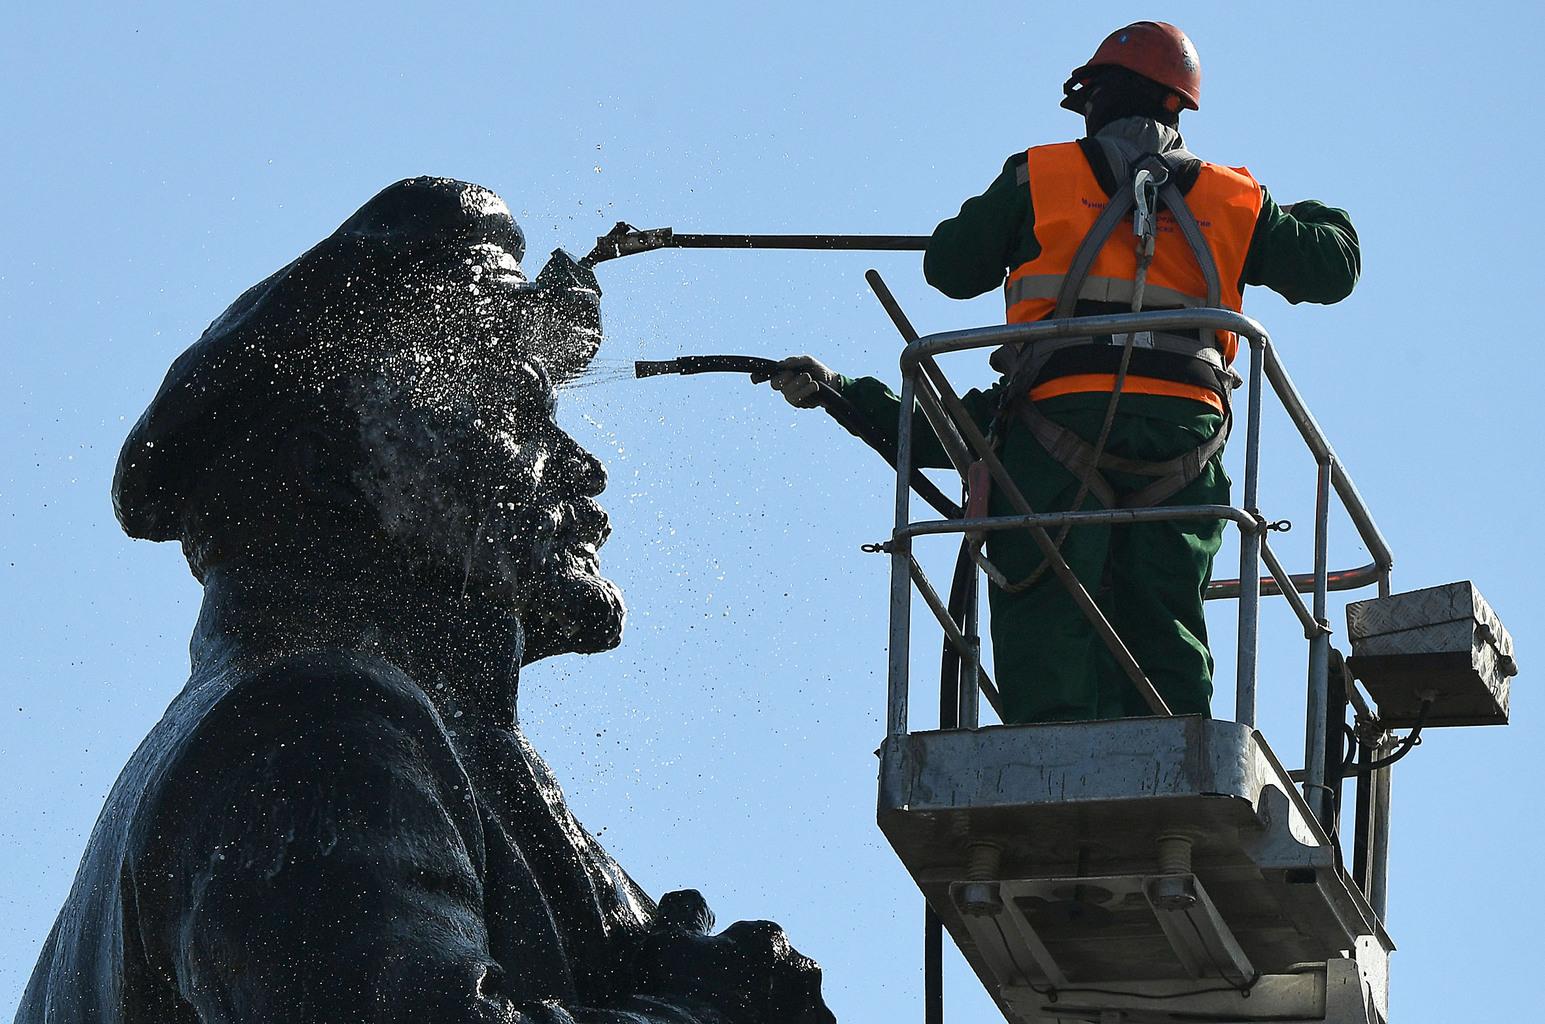 Munkások takarítják Krasznojarszkban a Lenin szobrot, készülve születésének 150-ik évfordulójára #moszkvater